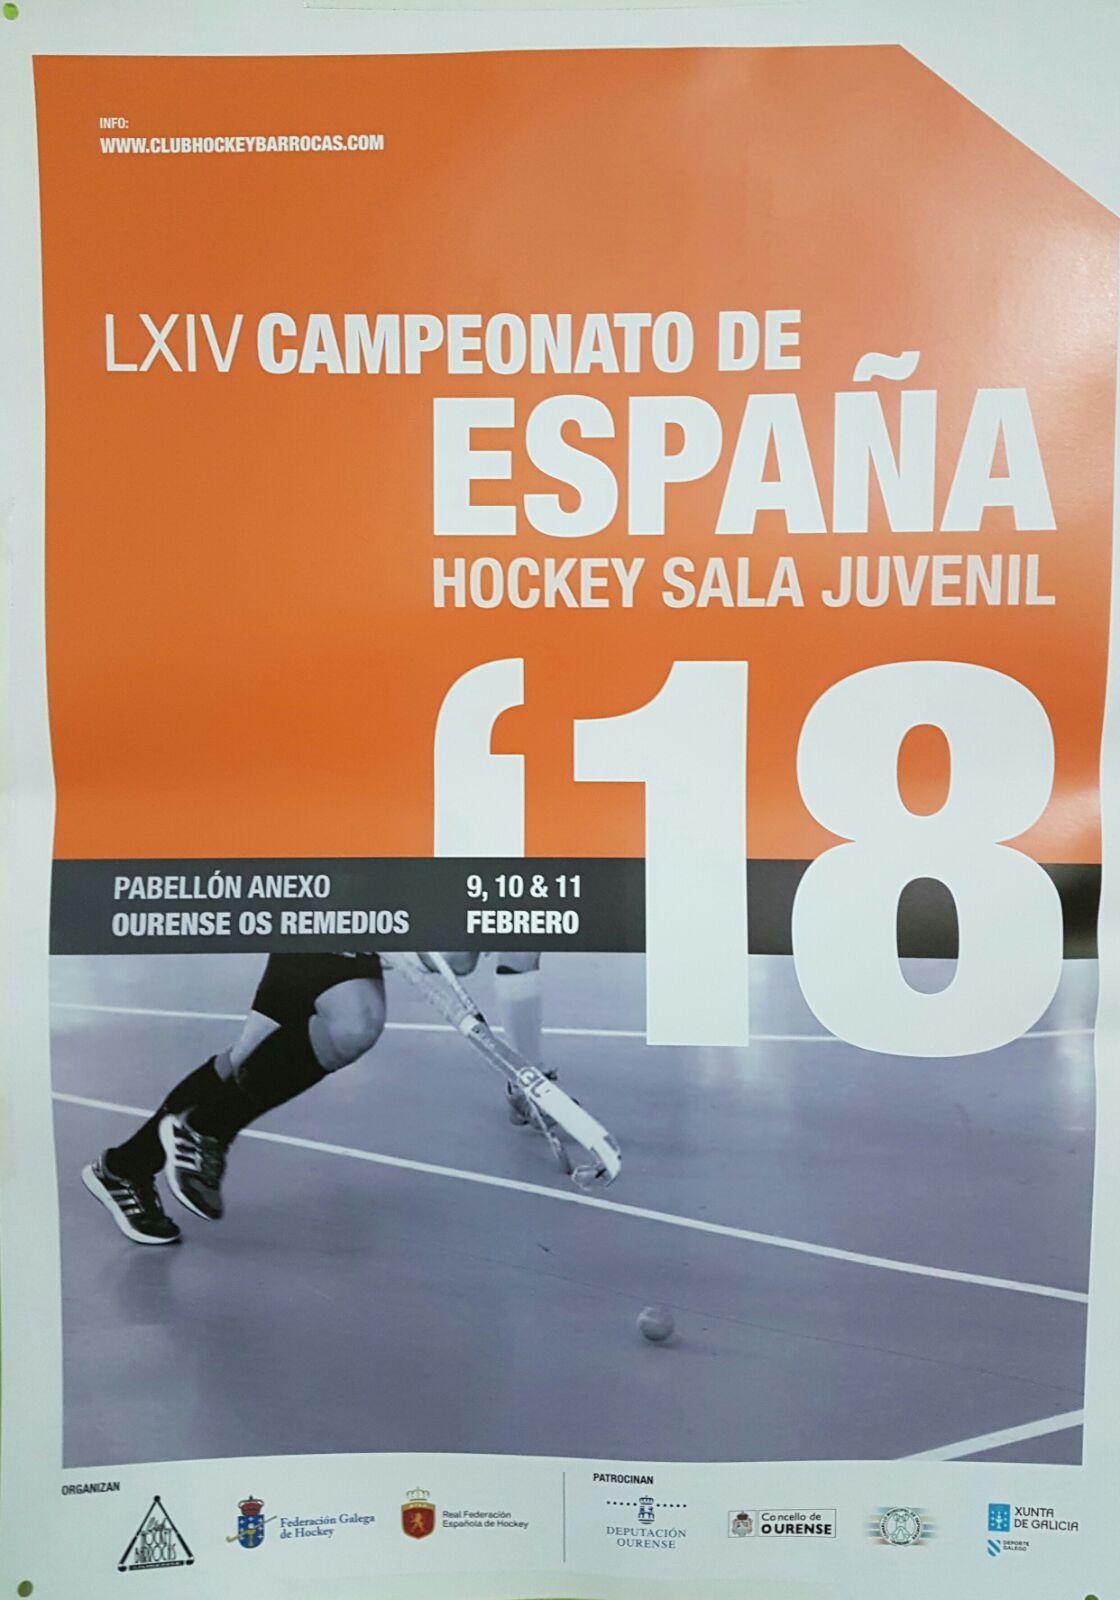 Campeonato de España Hockey